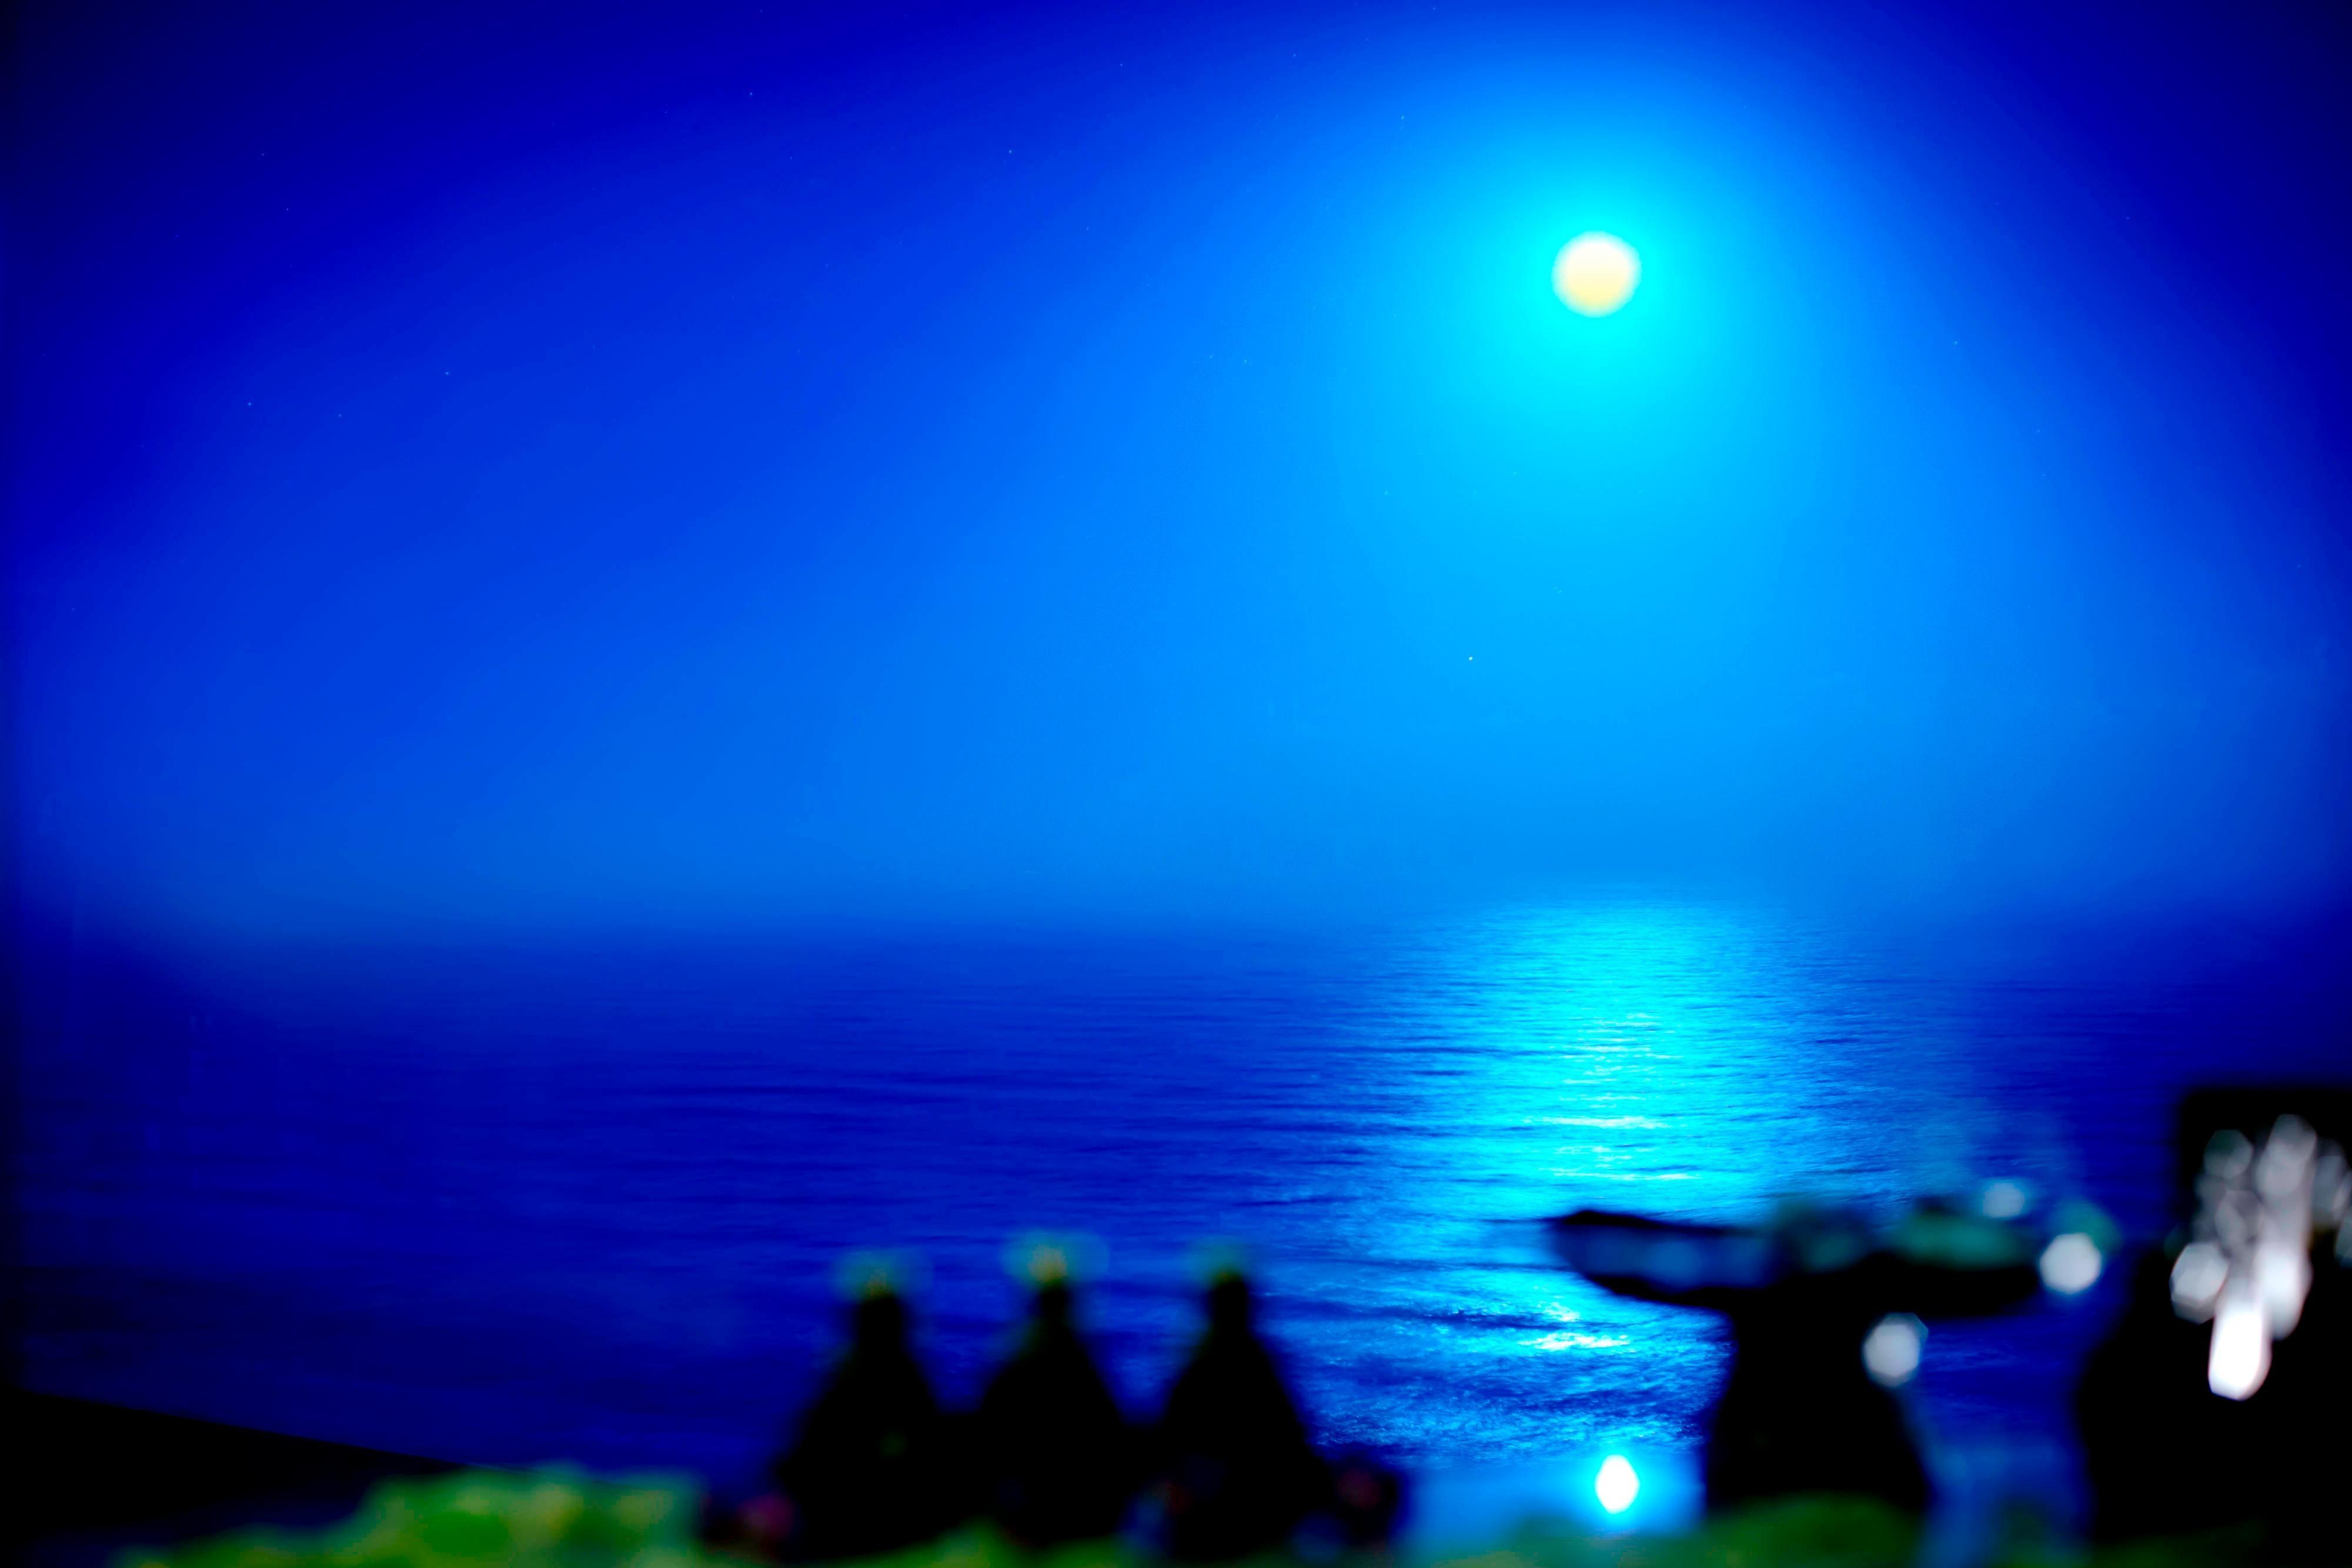 月明かりに照らされた水面